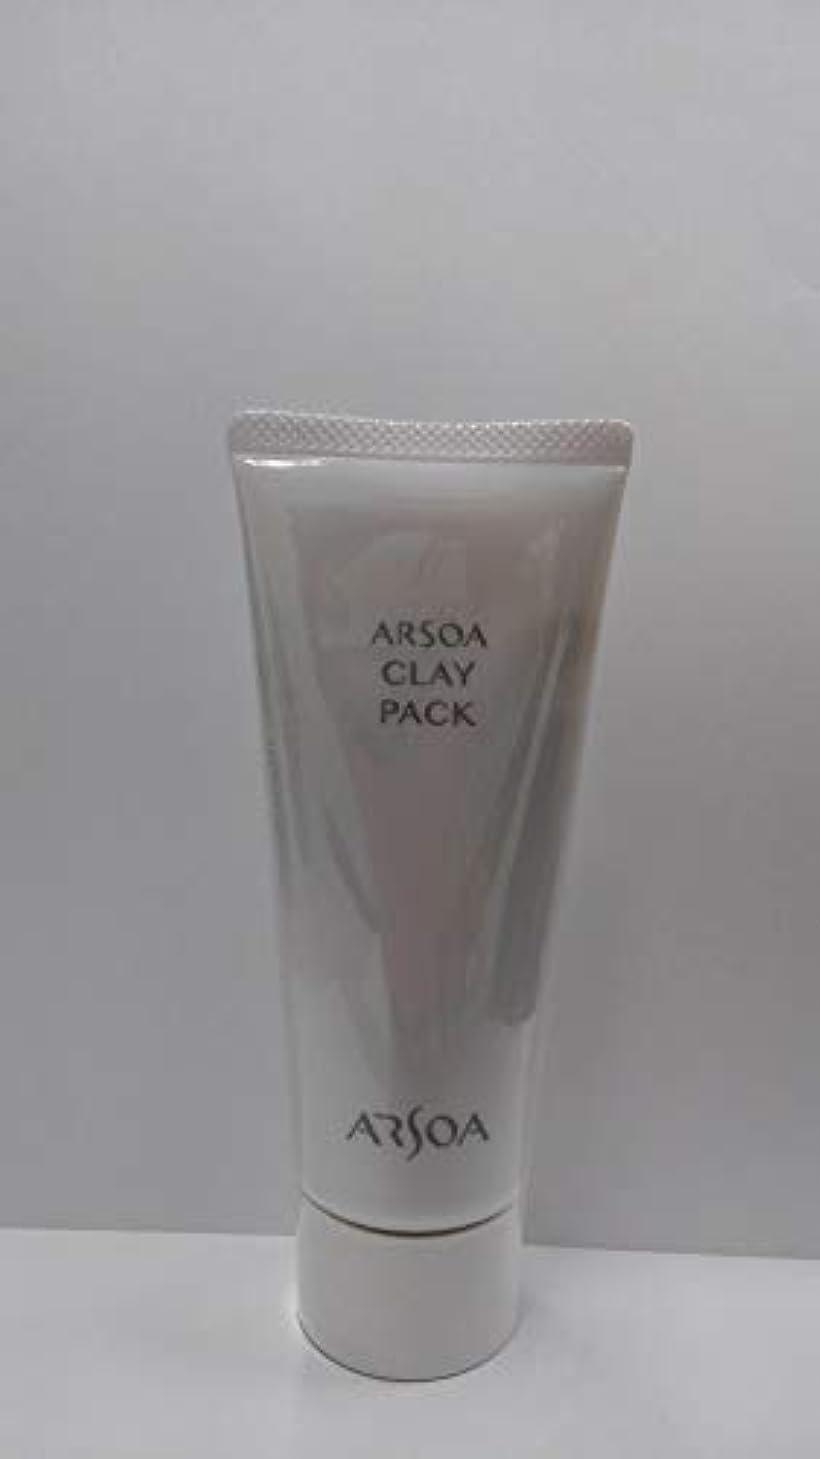 ストラトフォードオンエイボンぺディカブゴミ箱ARSOA(アルソア) クレイ パック 100g